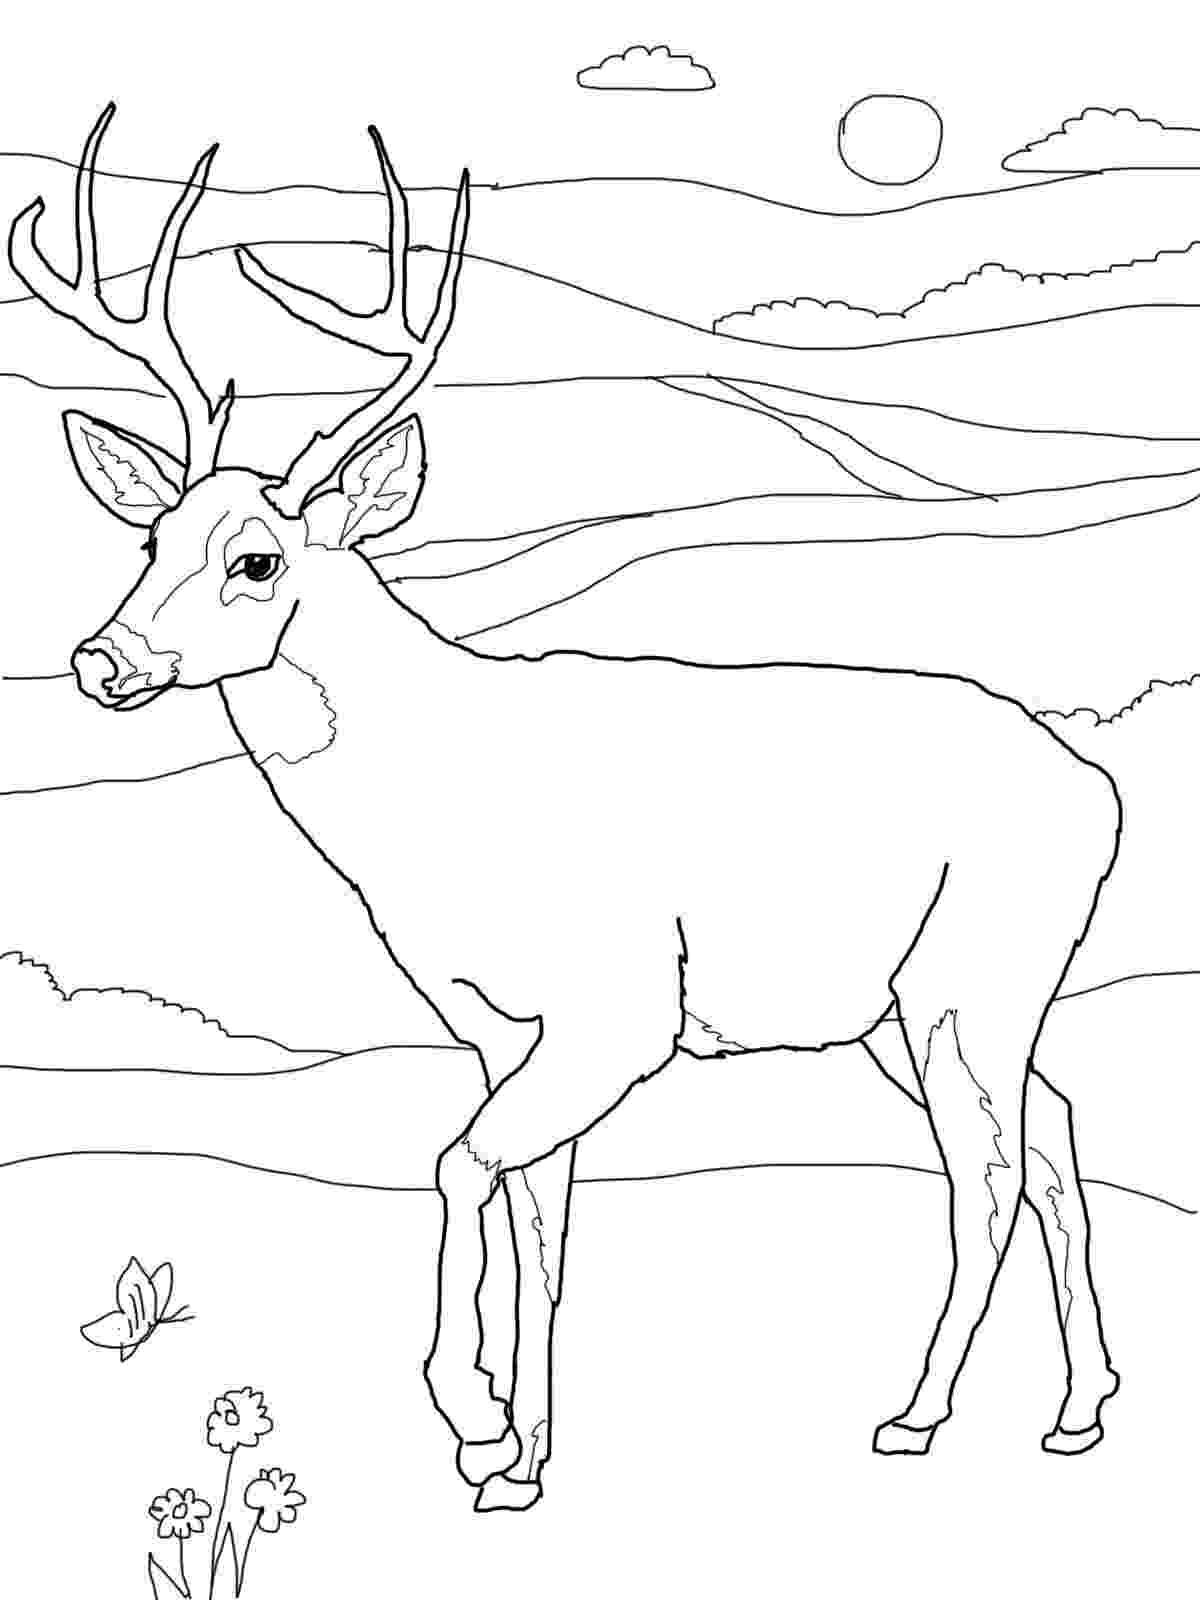 deer coloring sheet free printable deer coloring pages for kids coloring sheet deer